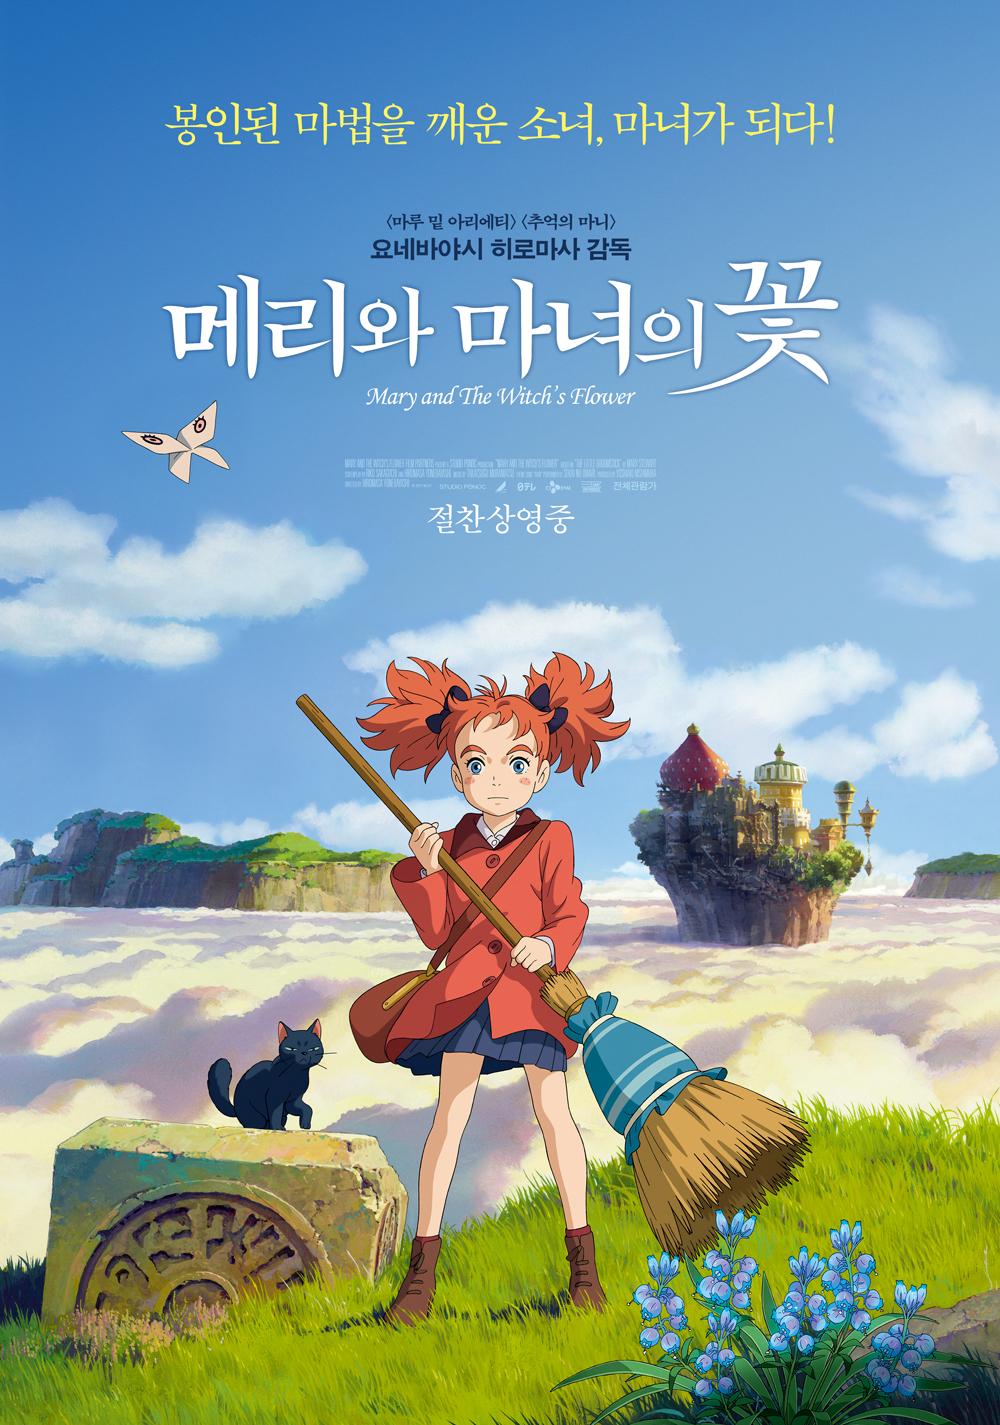 메리와 마녀의 꽃 (2017) (우리말더빙)